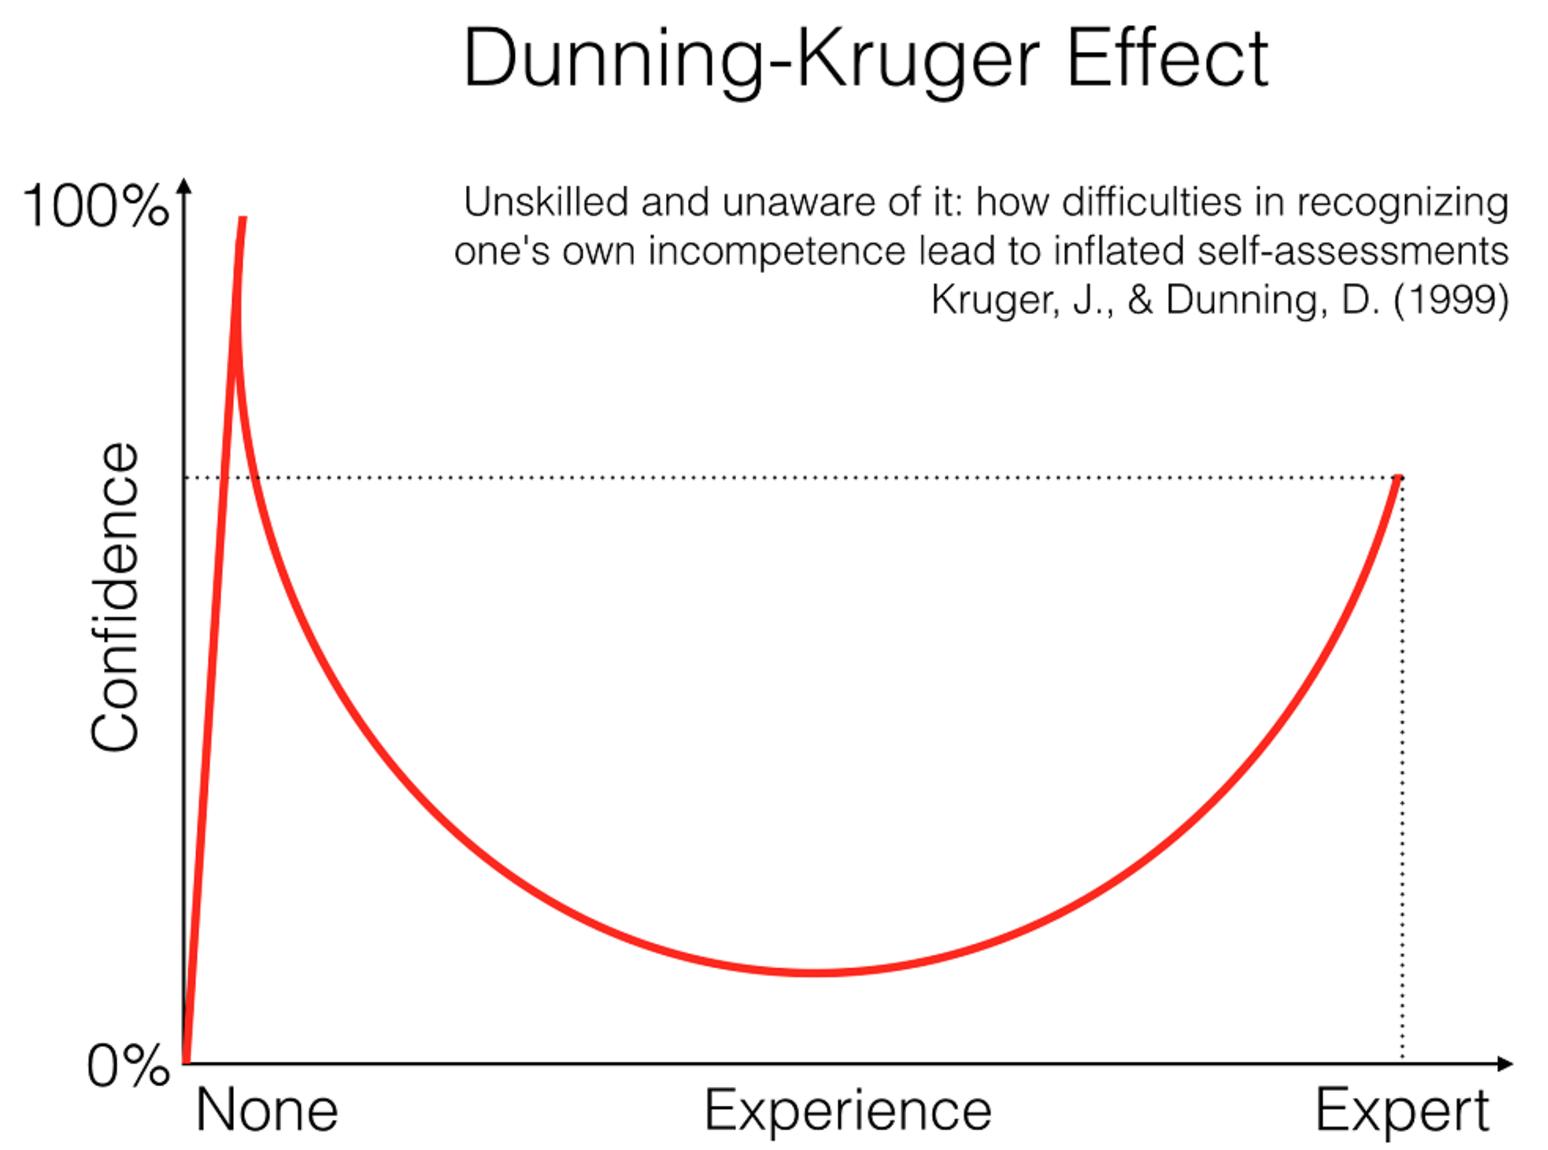 Dunning-Krugger effect